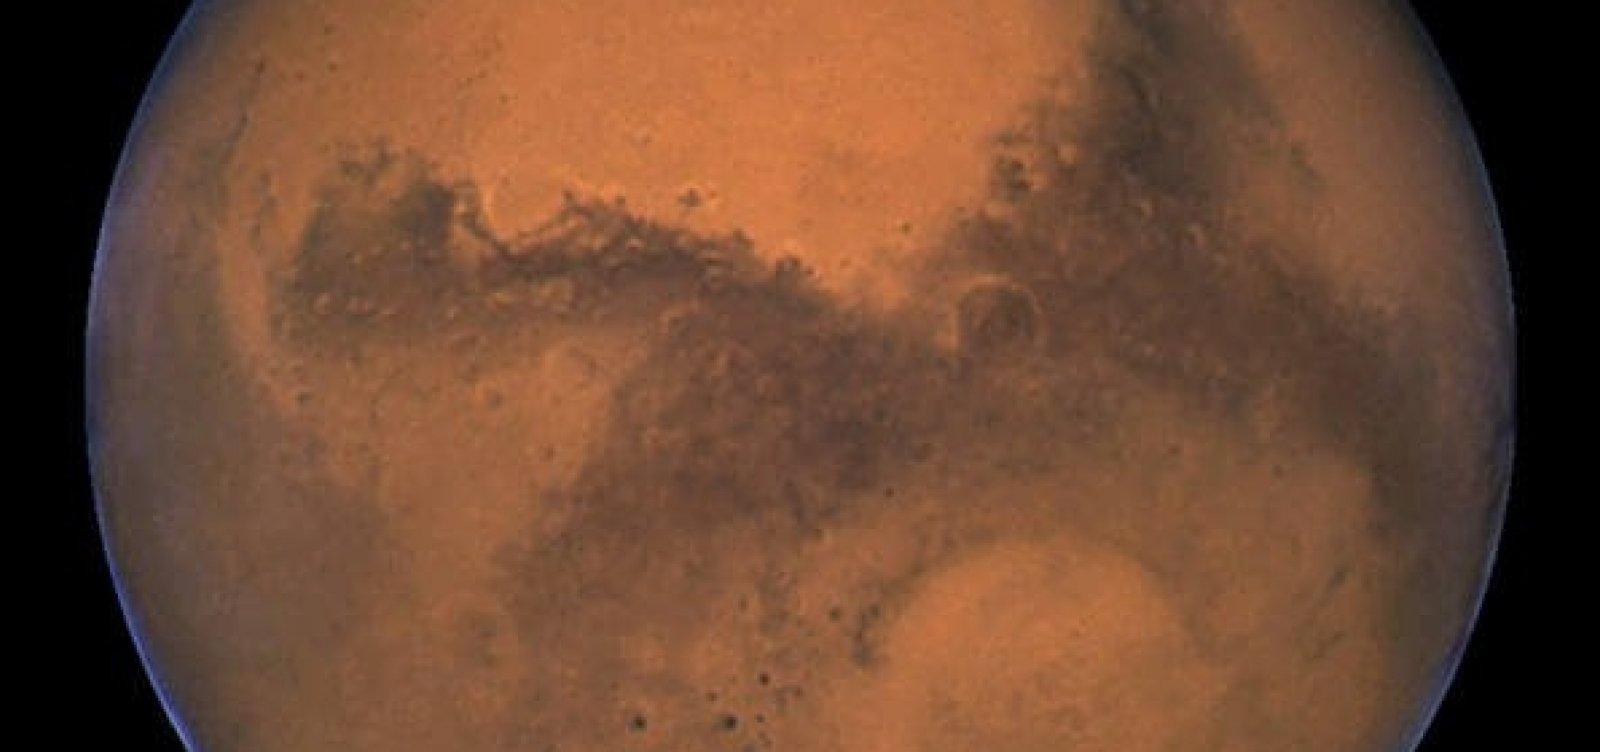 Oxigênio em Marte pode sustentar vida de micróbios e esponjas, diz Nasa